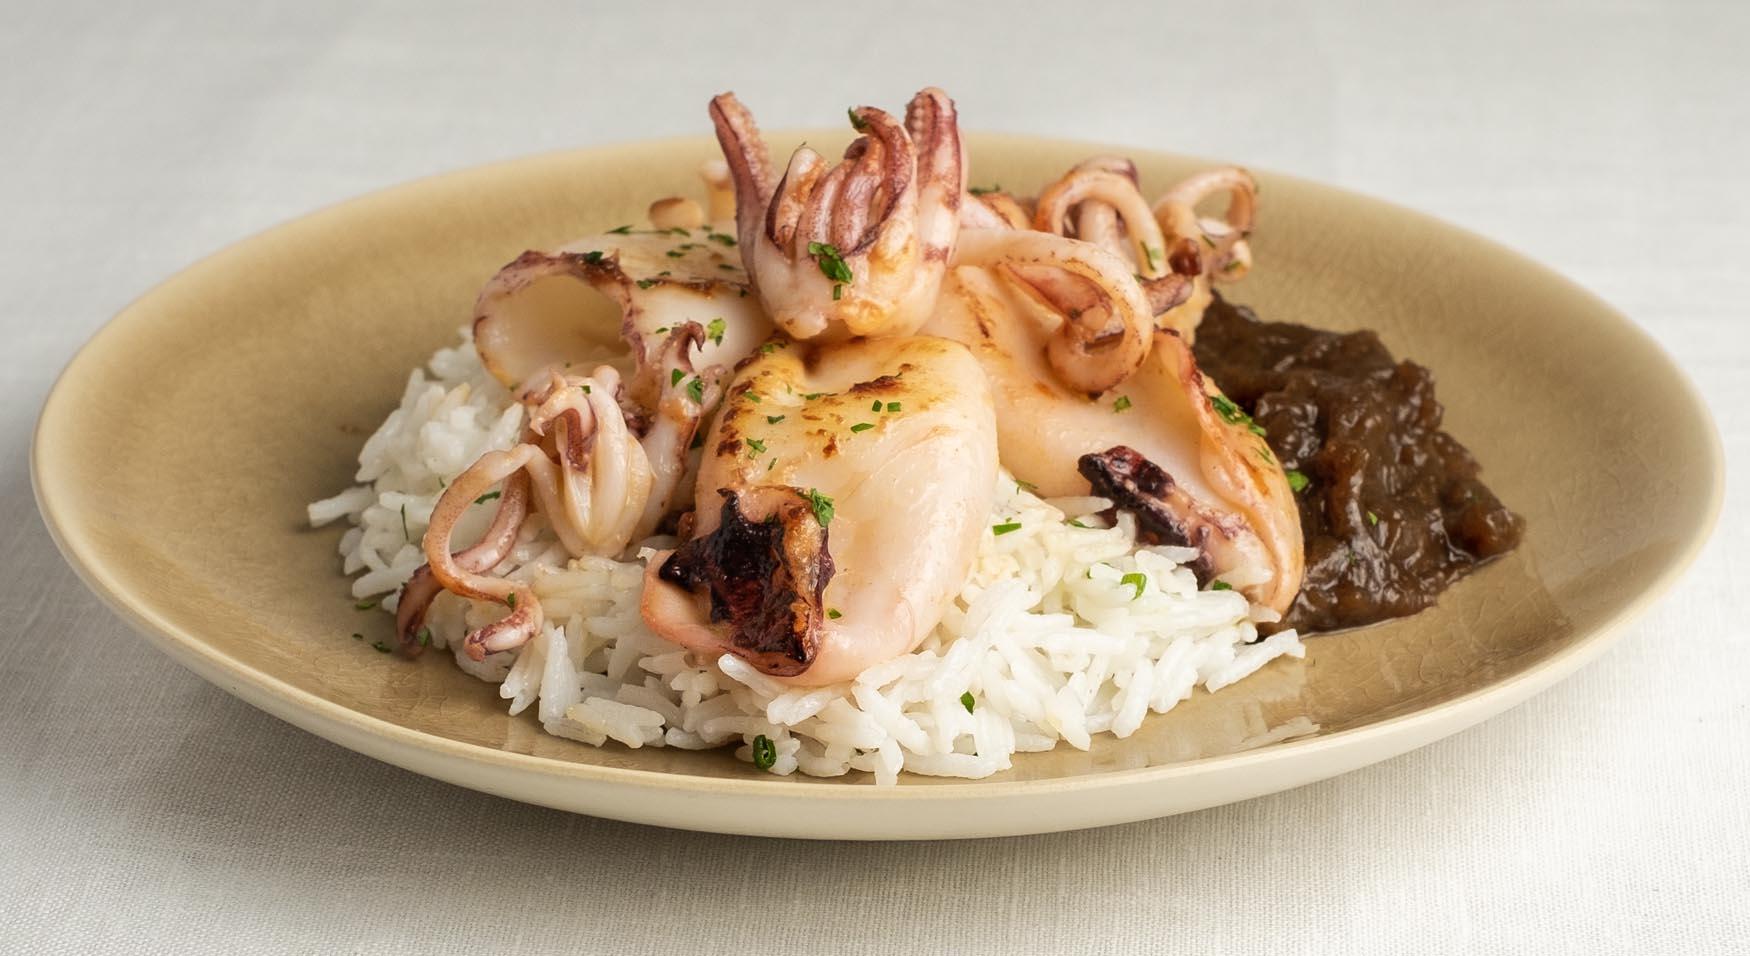 Calamares frescos encebollados sobre cama de cebolla caída y arroz basmati